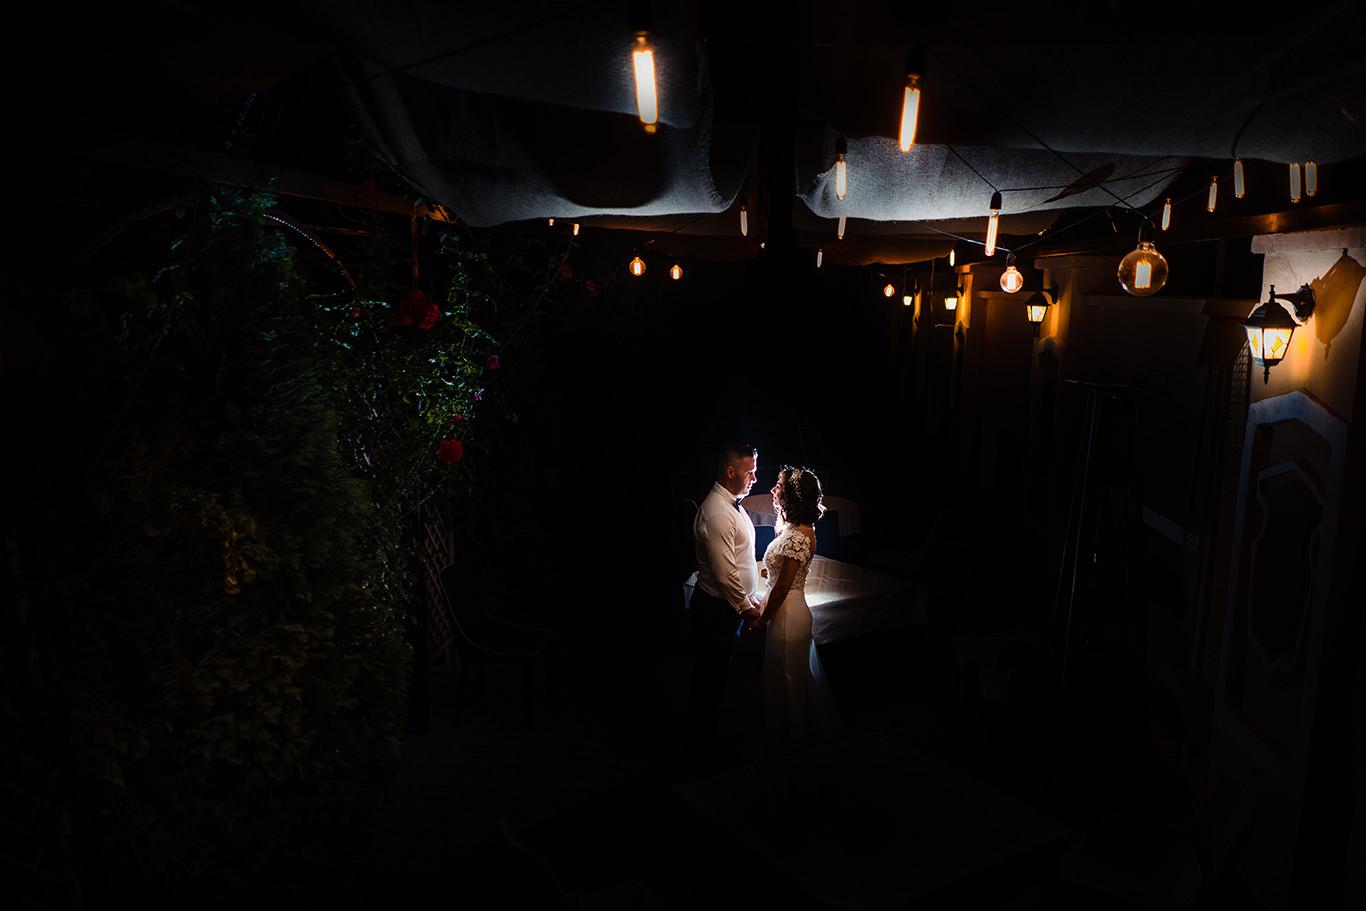 Fotografie de final - nunta La Belle Epoque